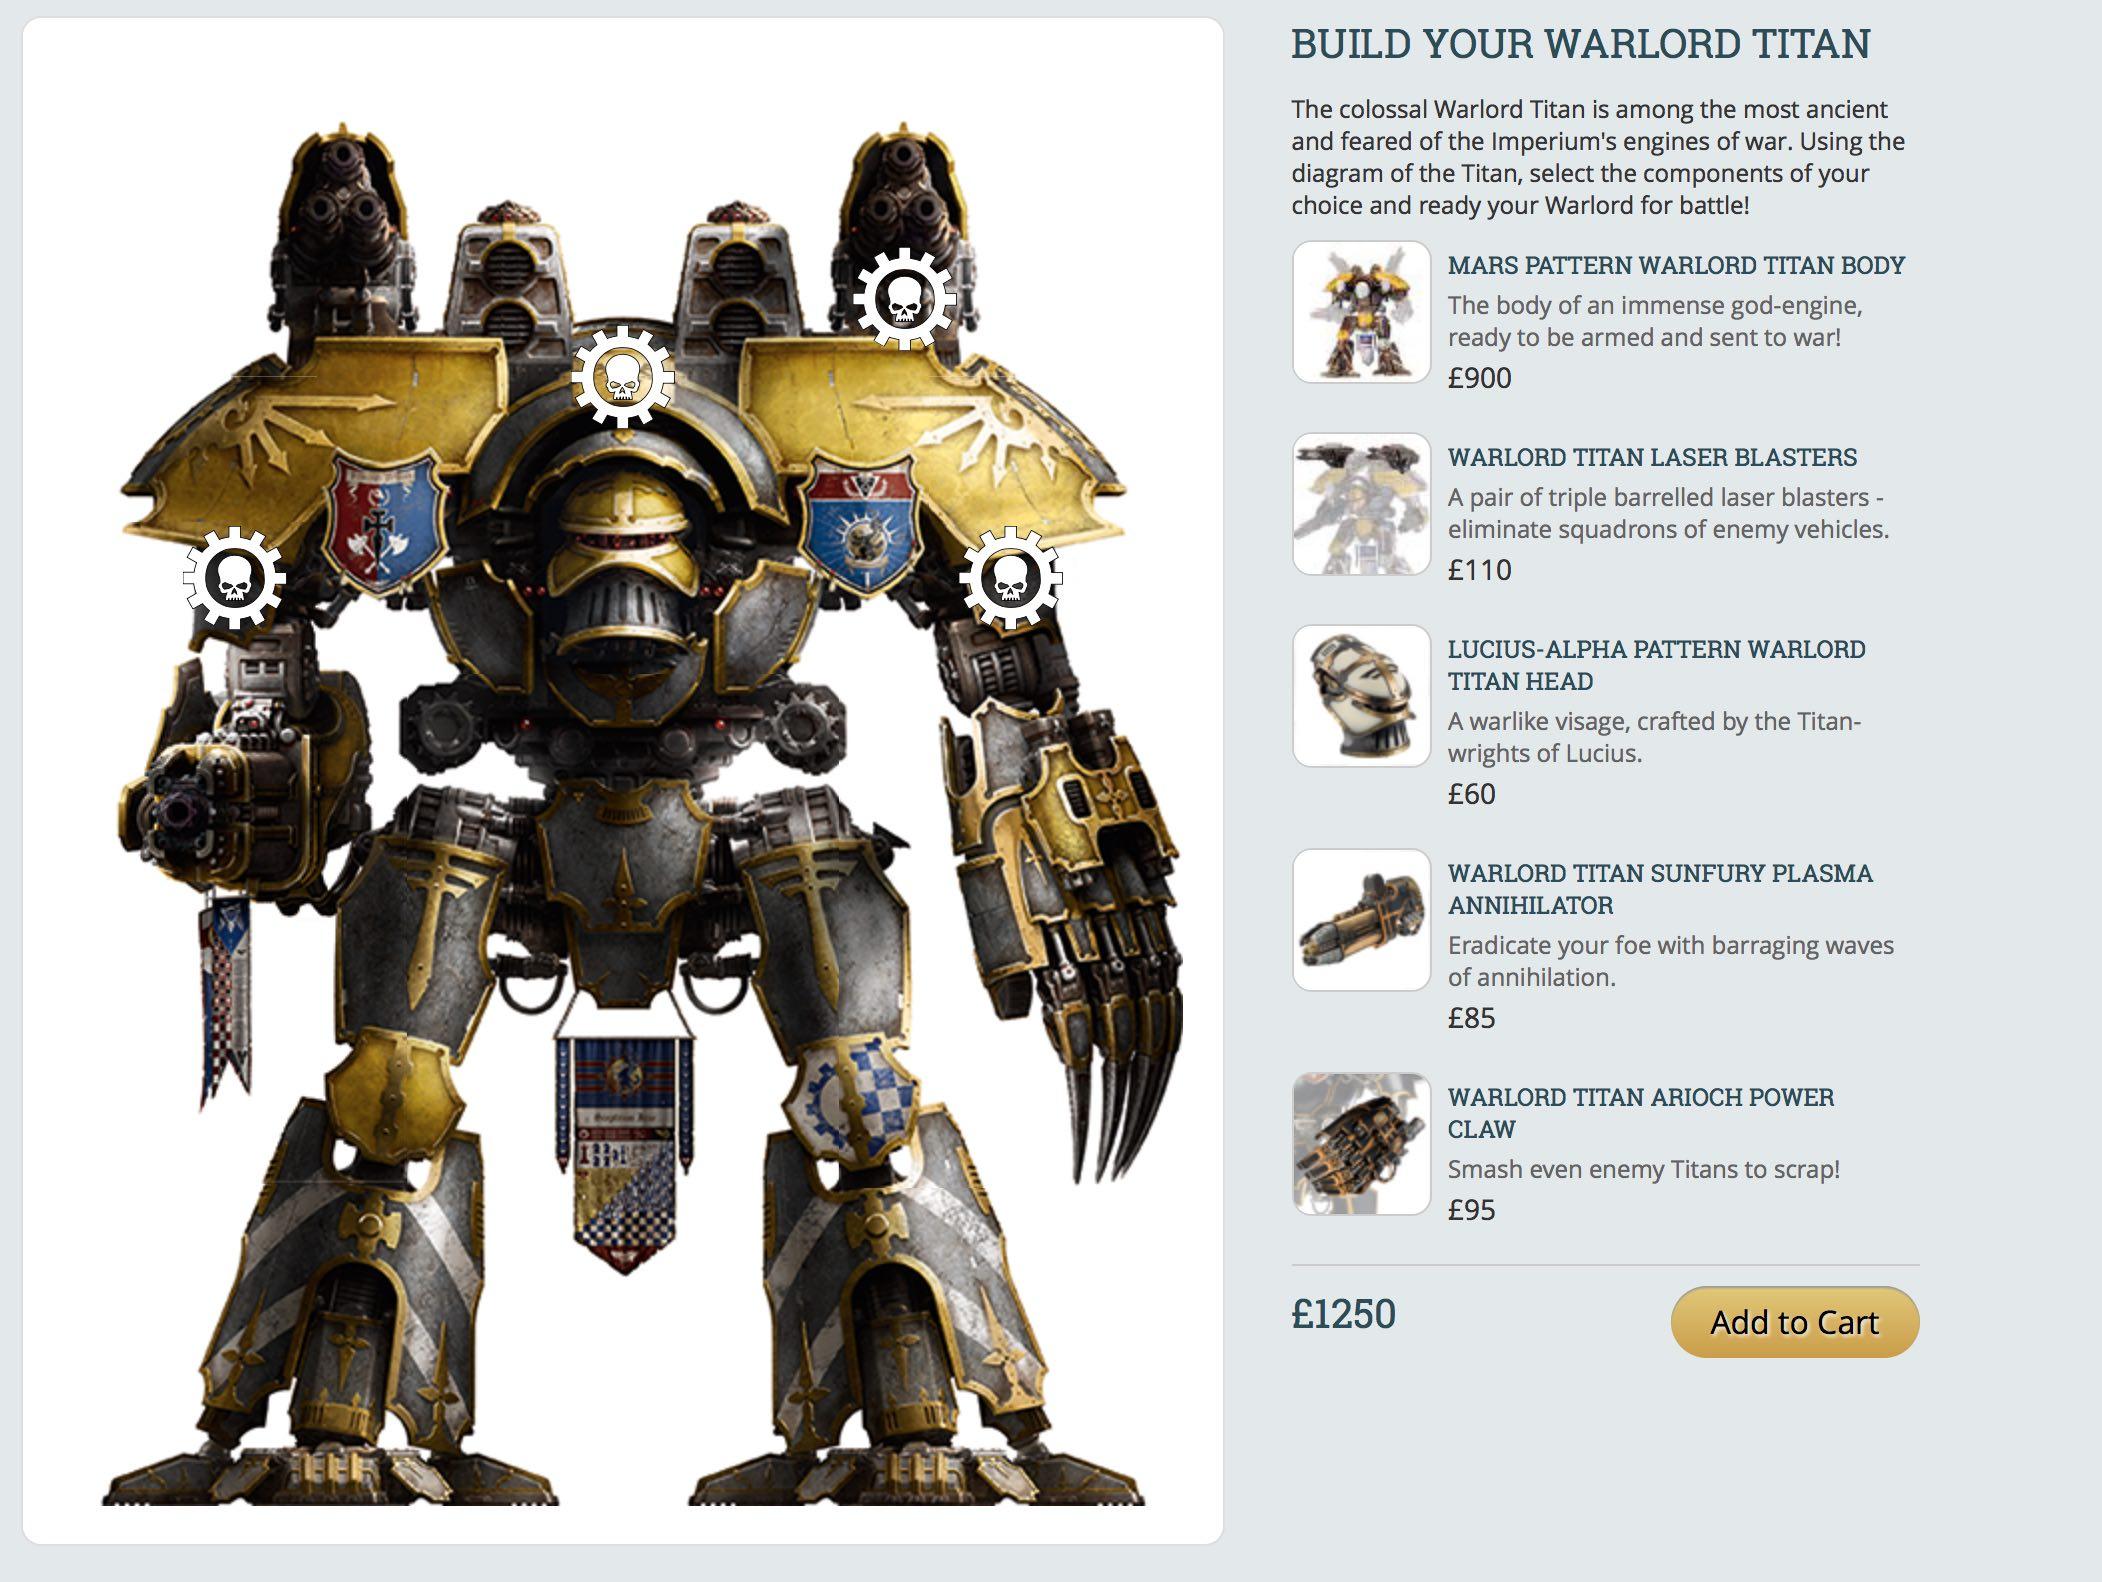 Warlord Titan Builder